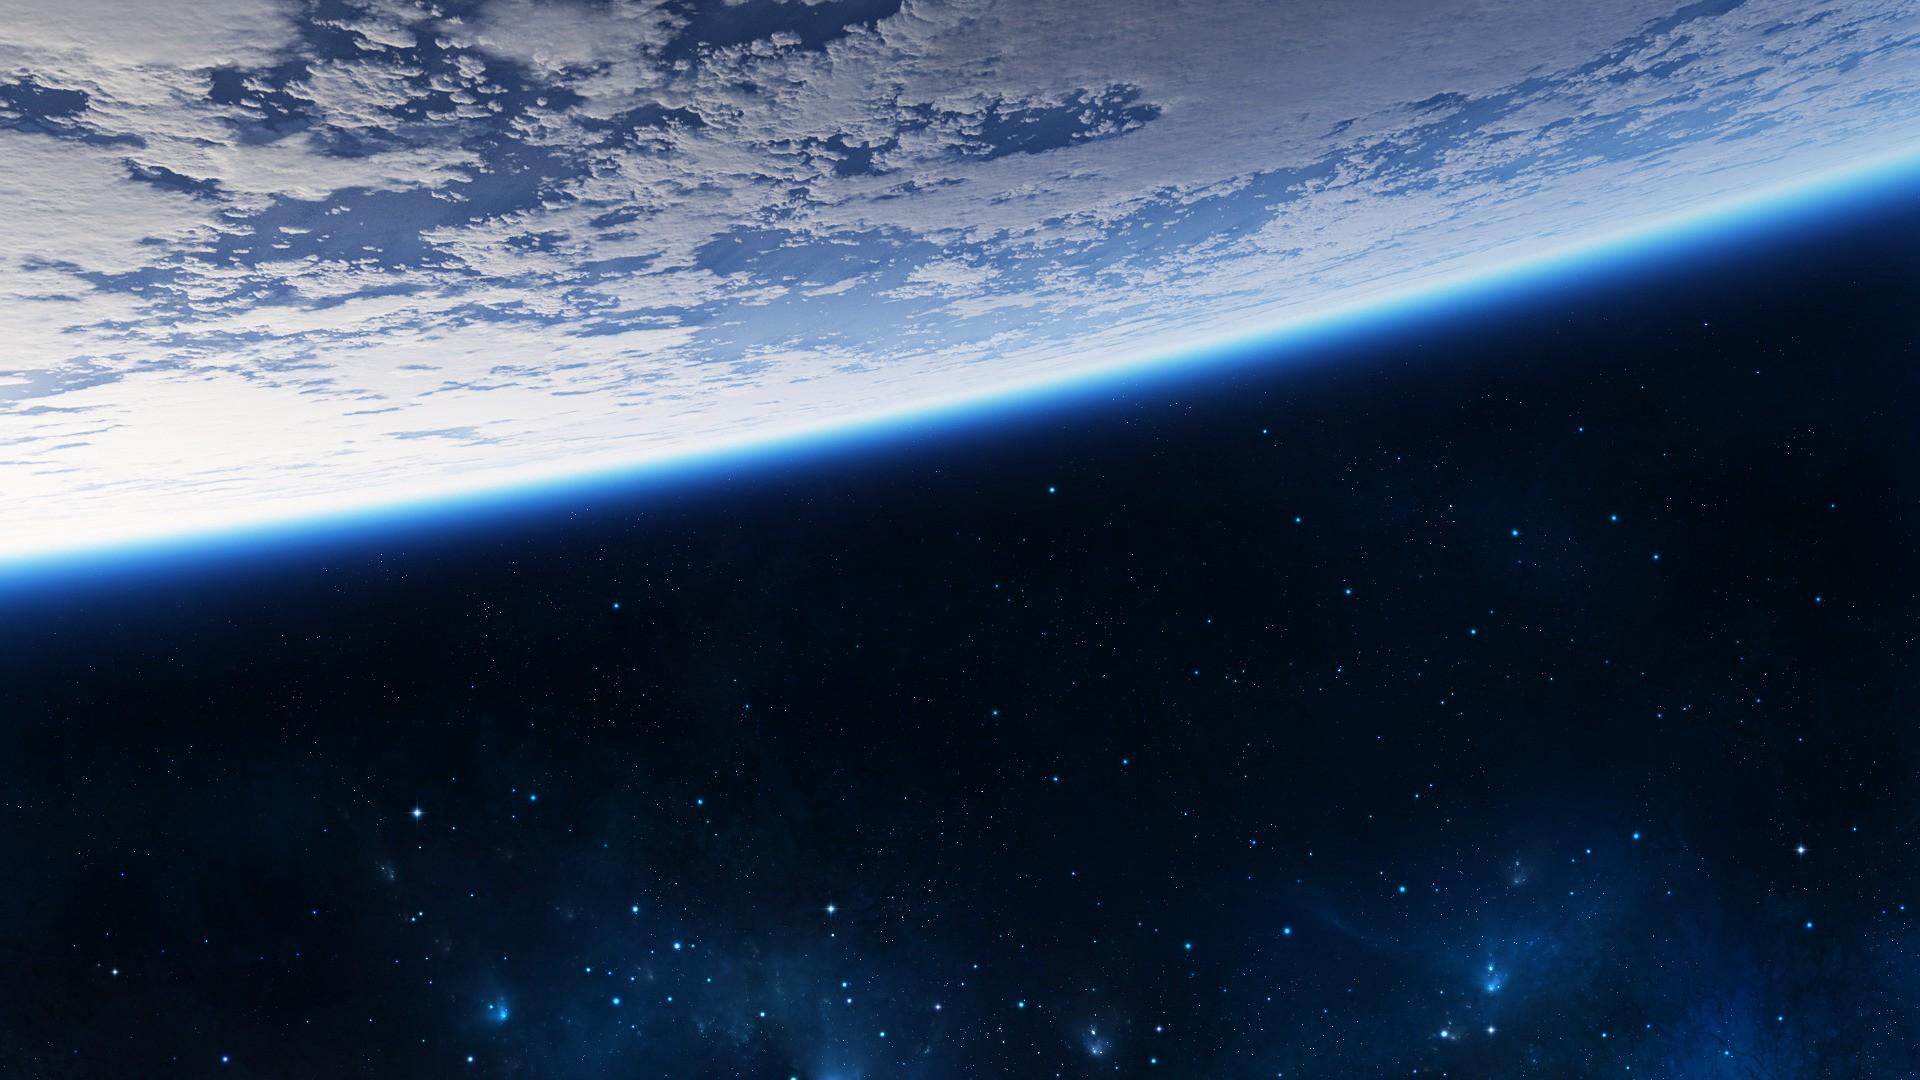 Wallpaper Wiki Desktop Wallpaper Earth Space Dowload Pic